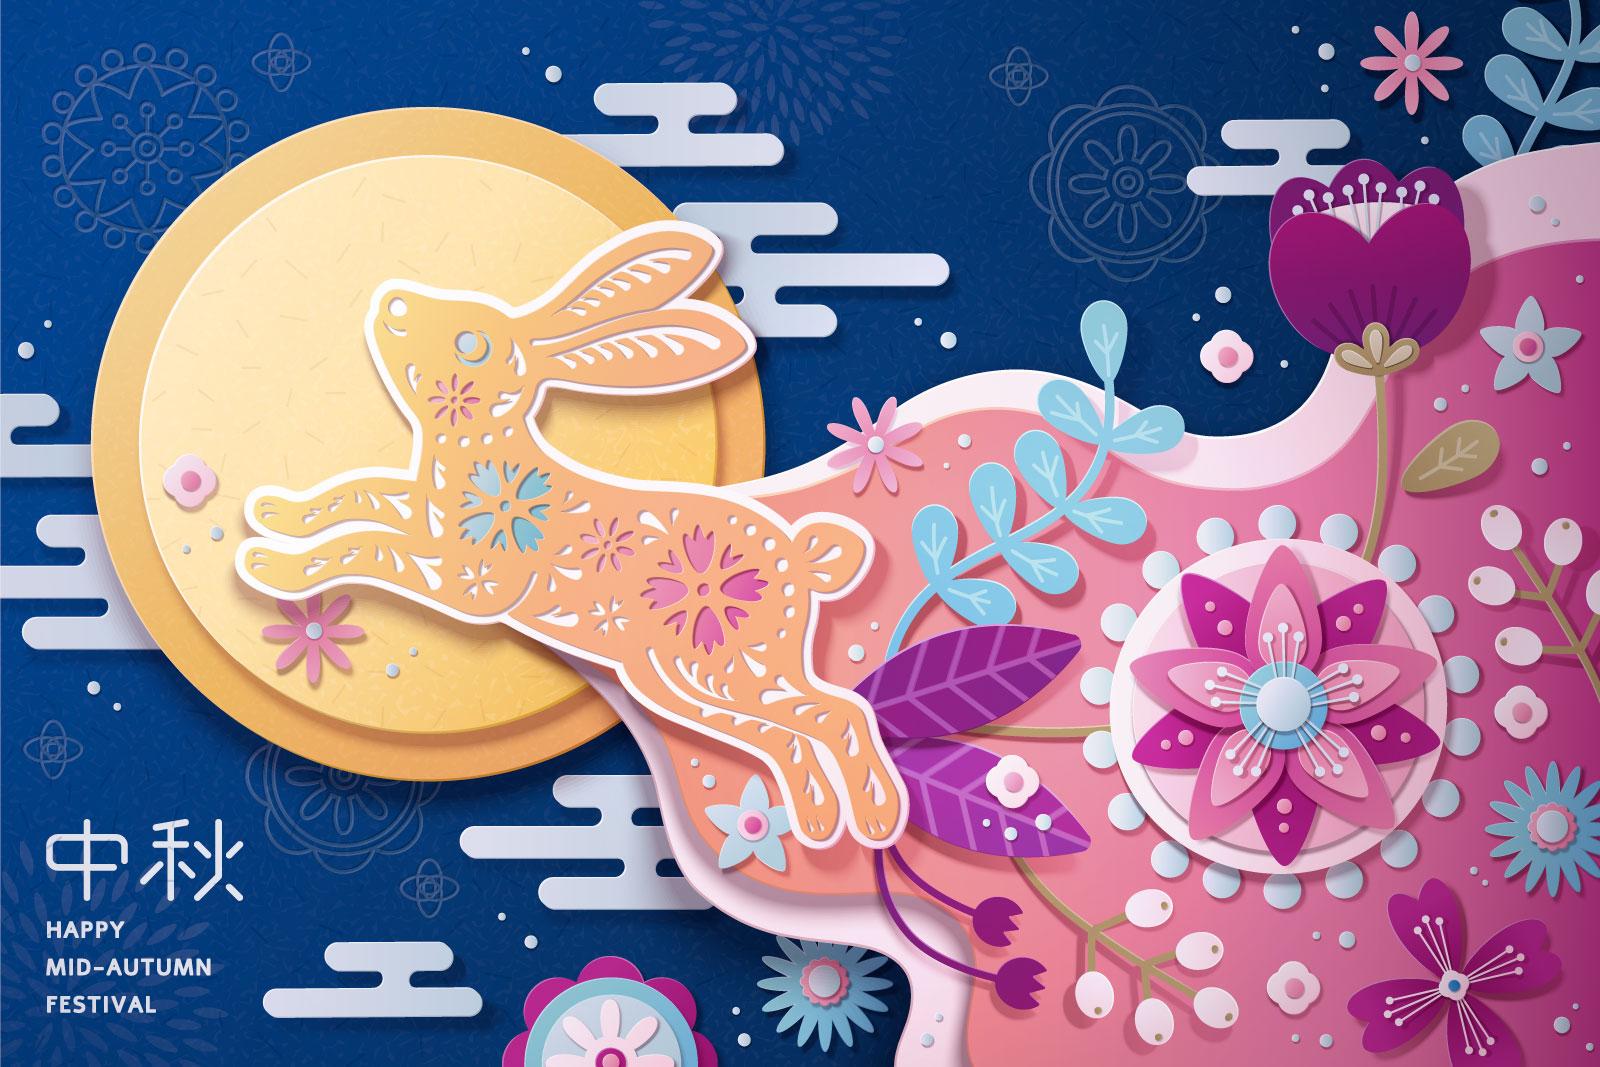 38款中国风中秋节主视觉海报插画AI广告设计素材源文件 Mid Autumn Festival Vector Pattern插图